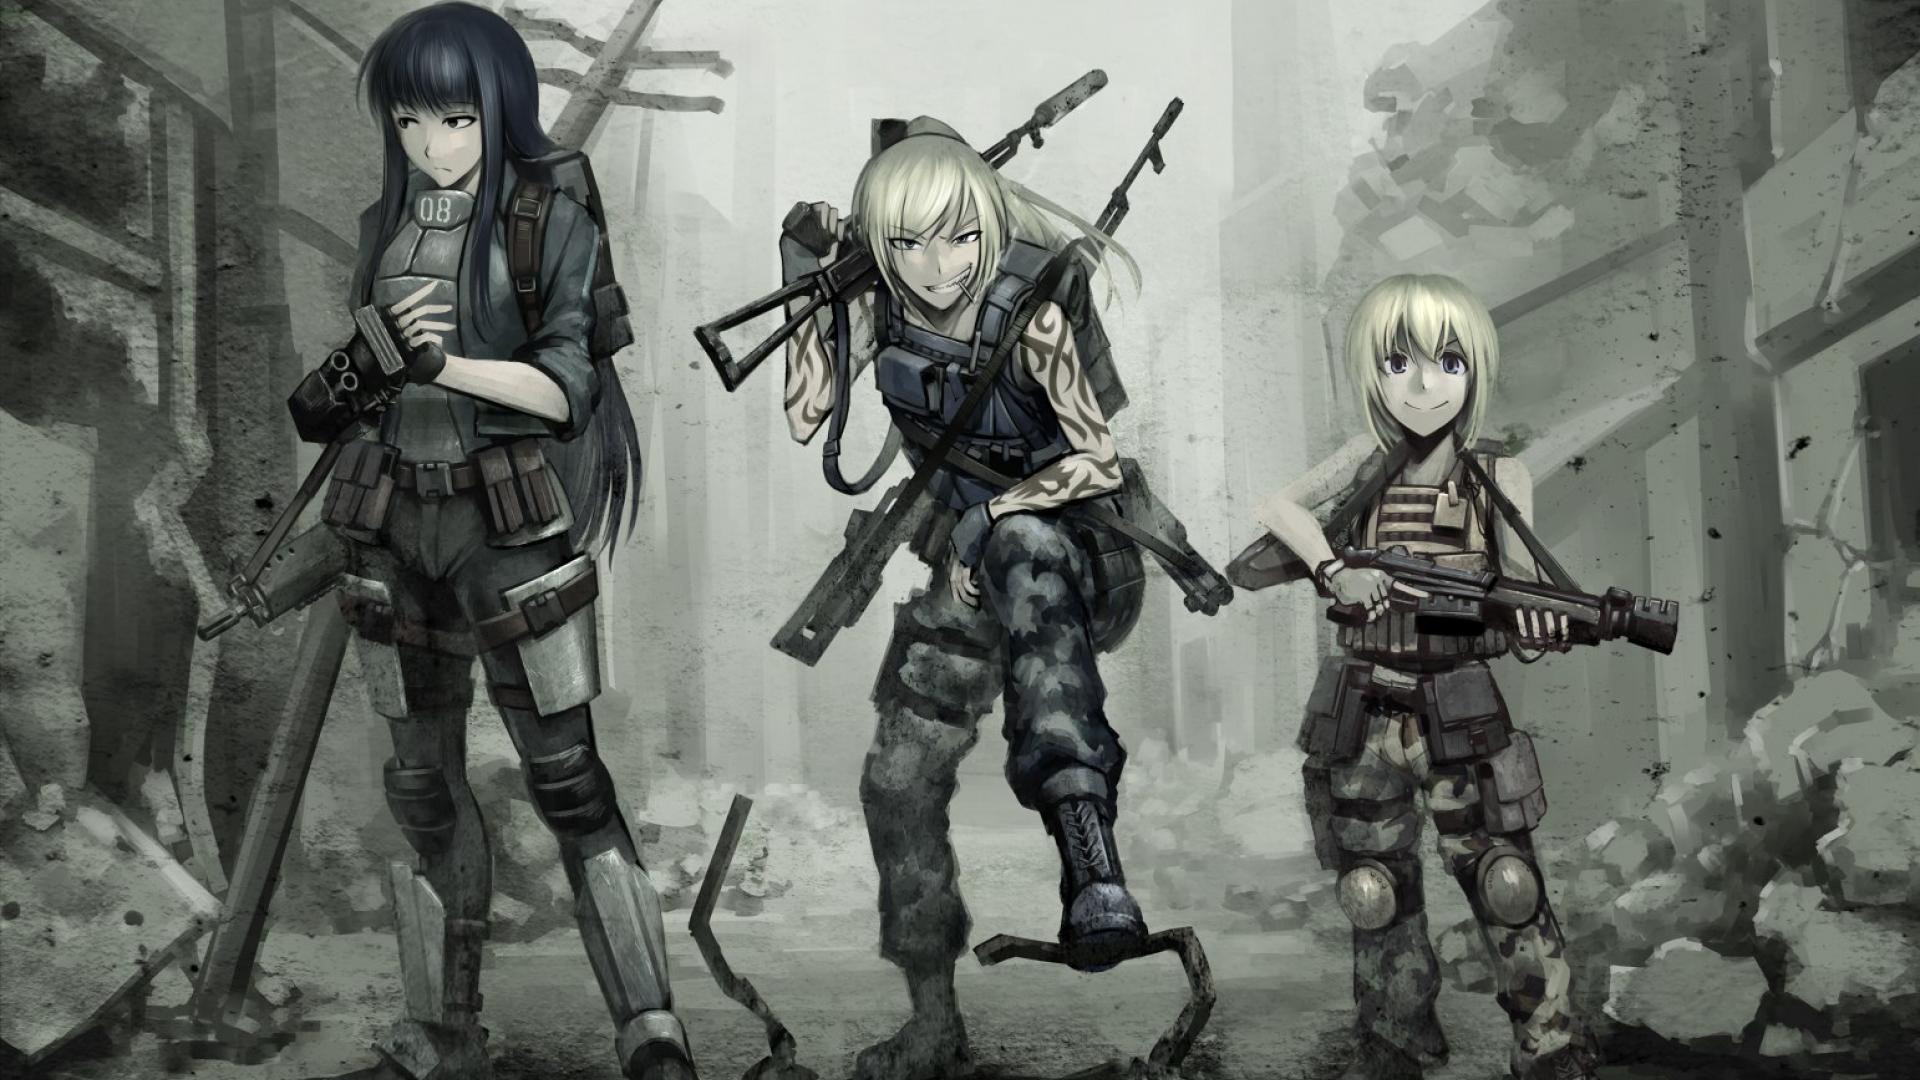 Girl With Gun Wallpaper - WallpaperSafari